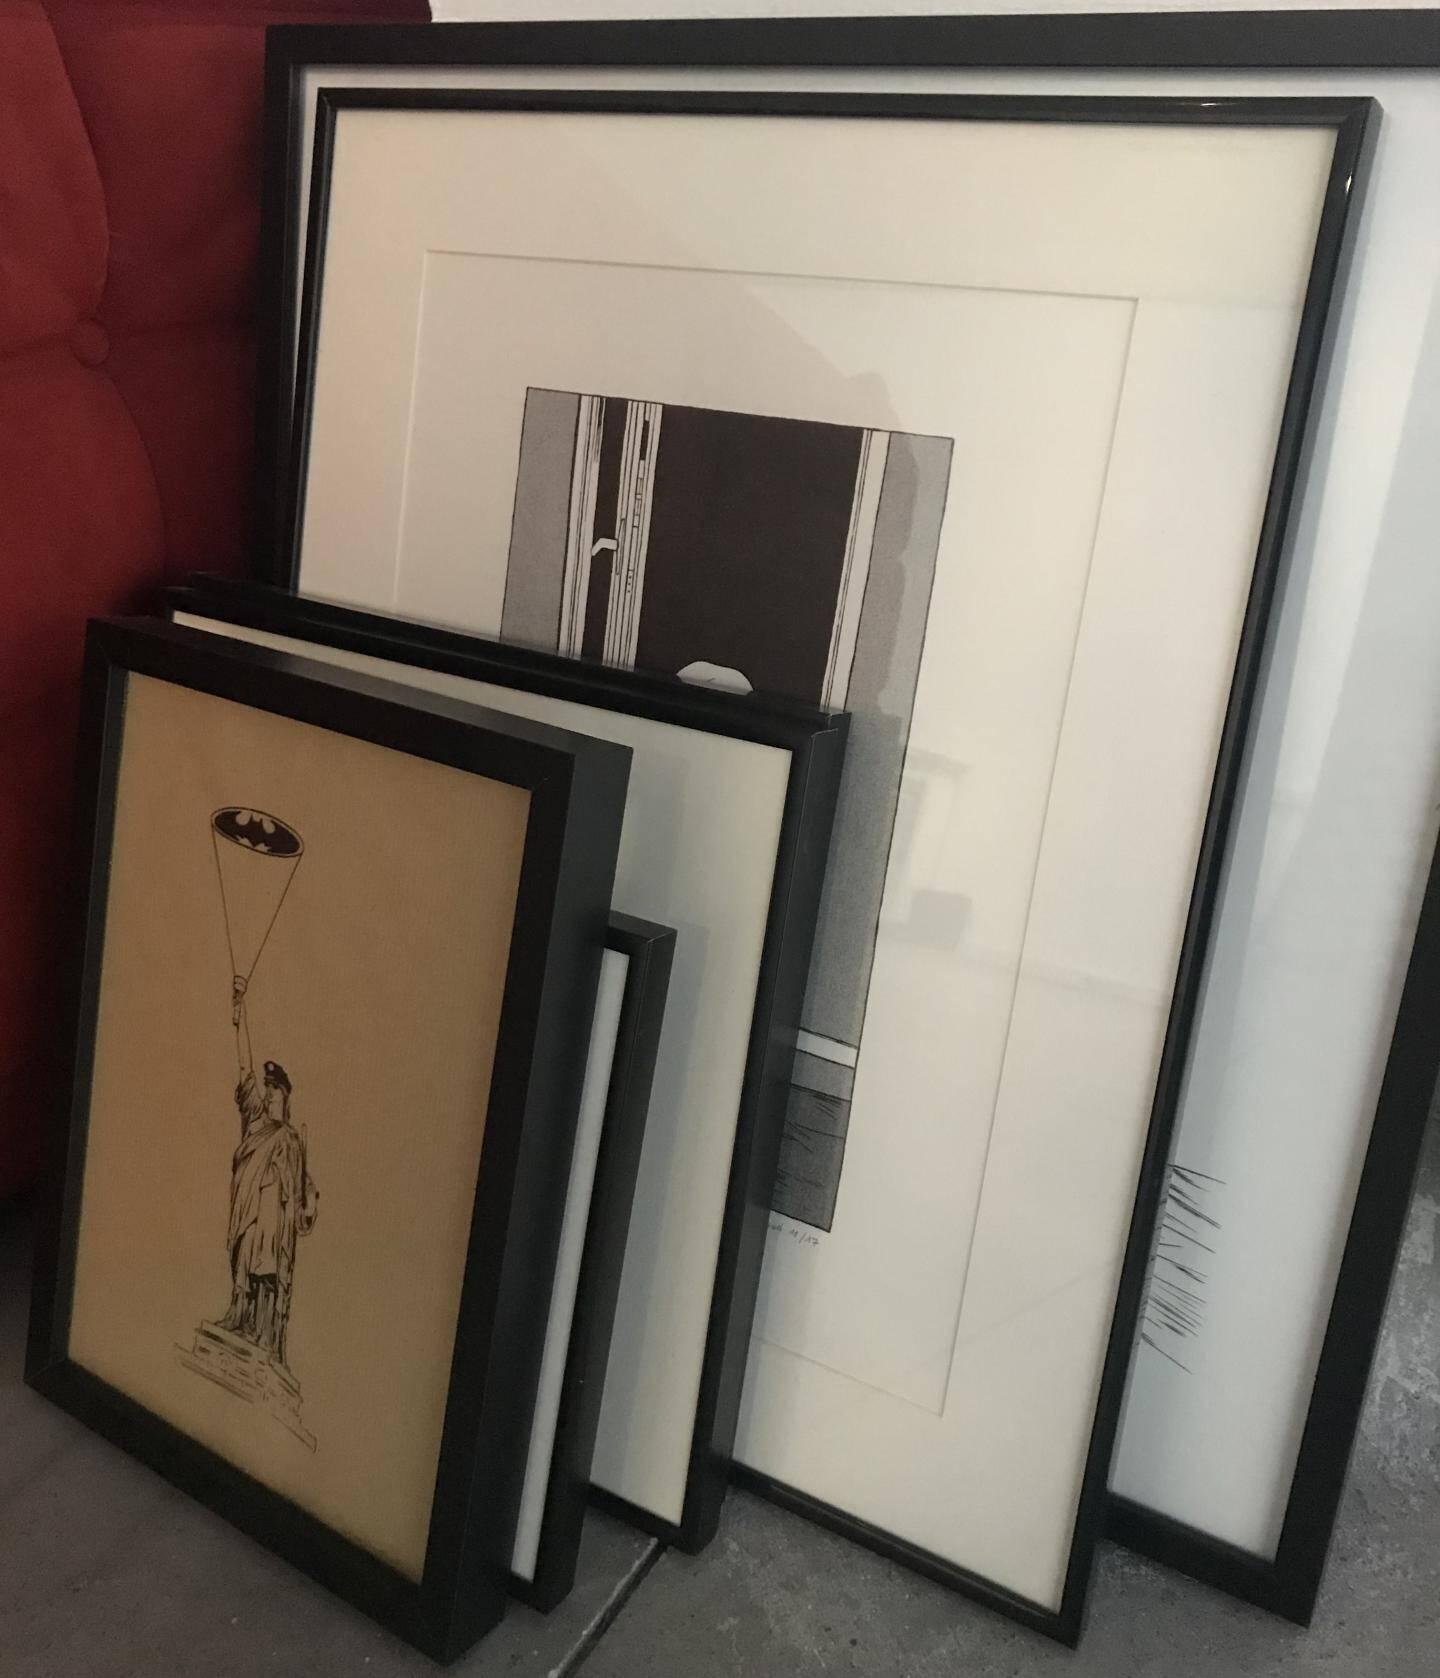 Quelques pièces présentées par Matériaux Mixtes pour l'édition 2020 de sa manifestation artistique phare.